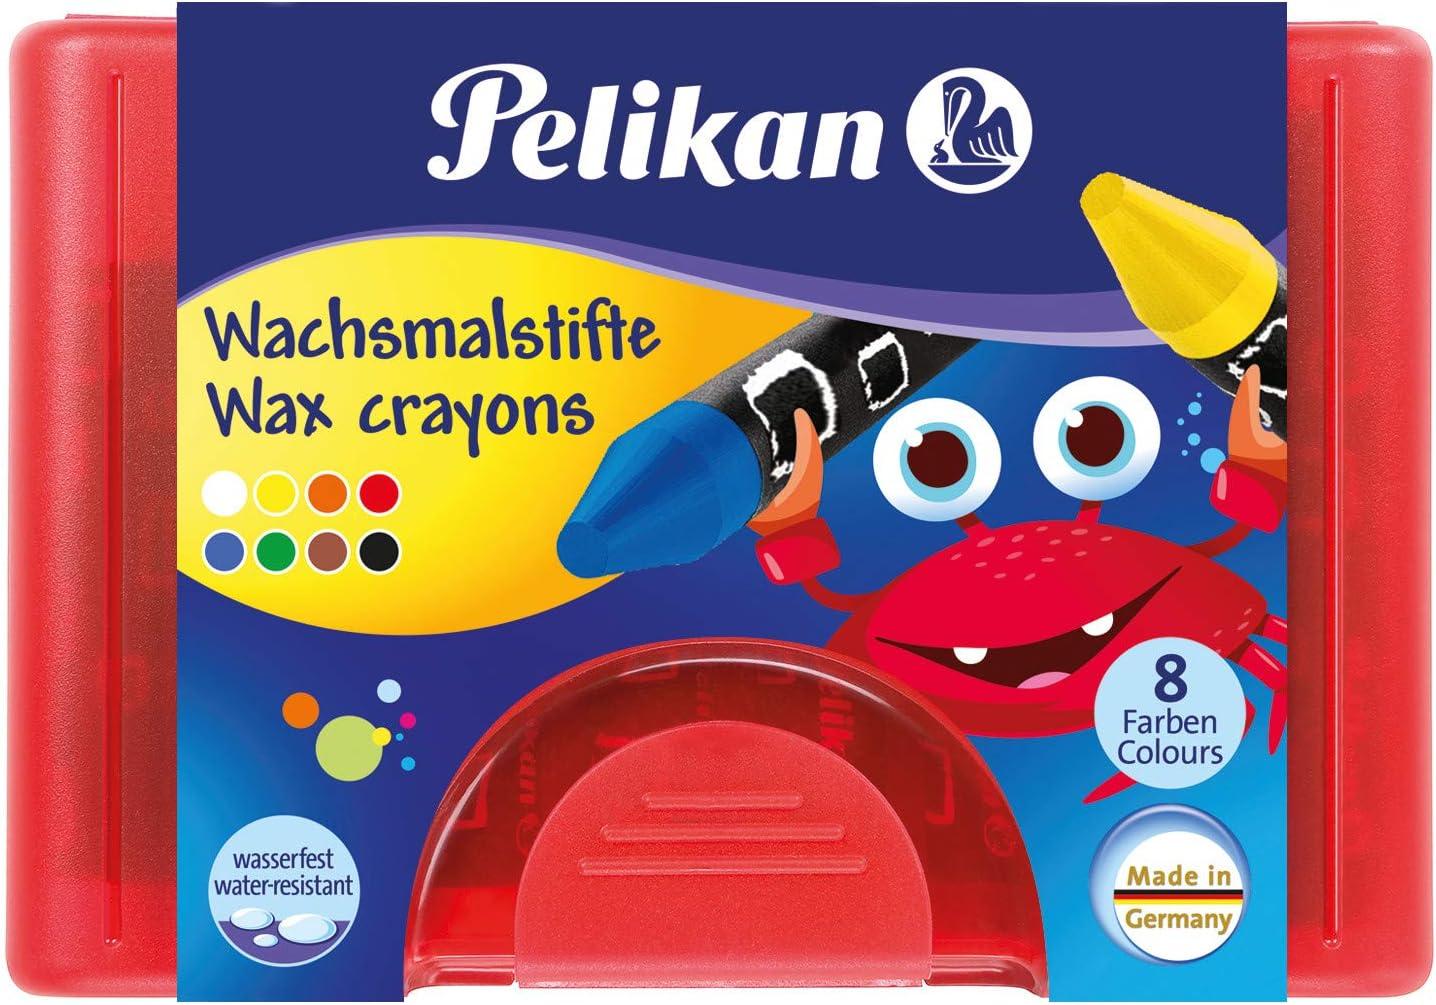 8 wasserfest Wachsmalstifte 665 Pelikan 723148 8 Stangen